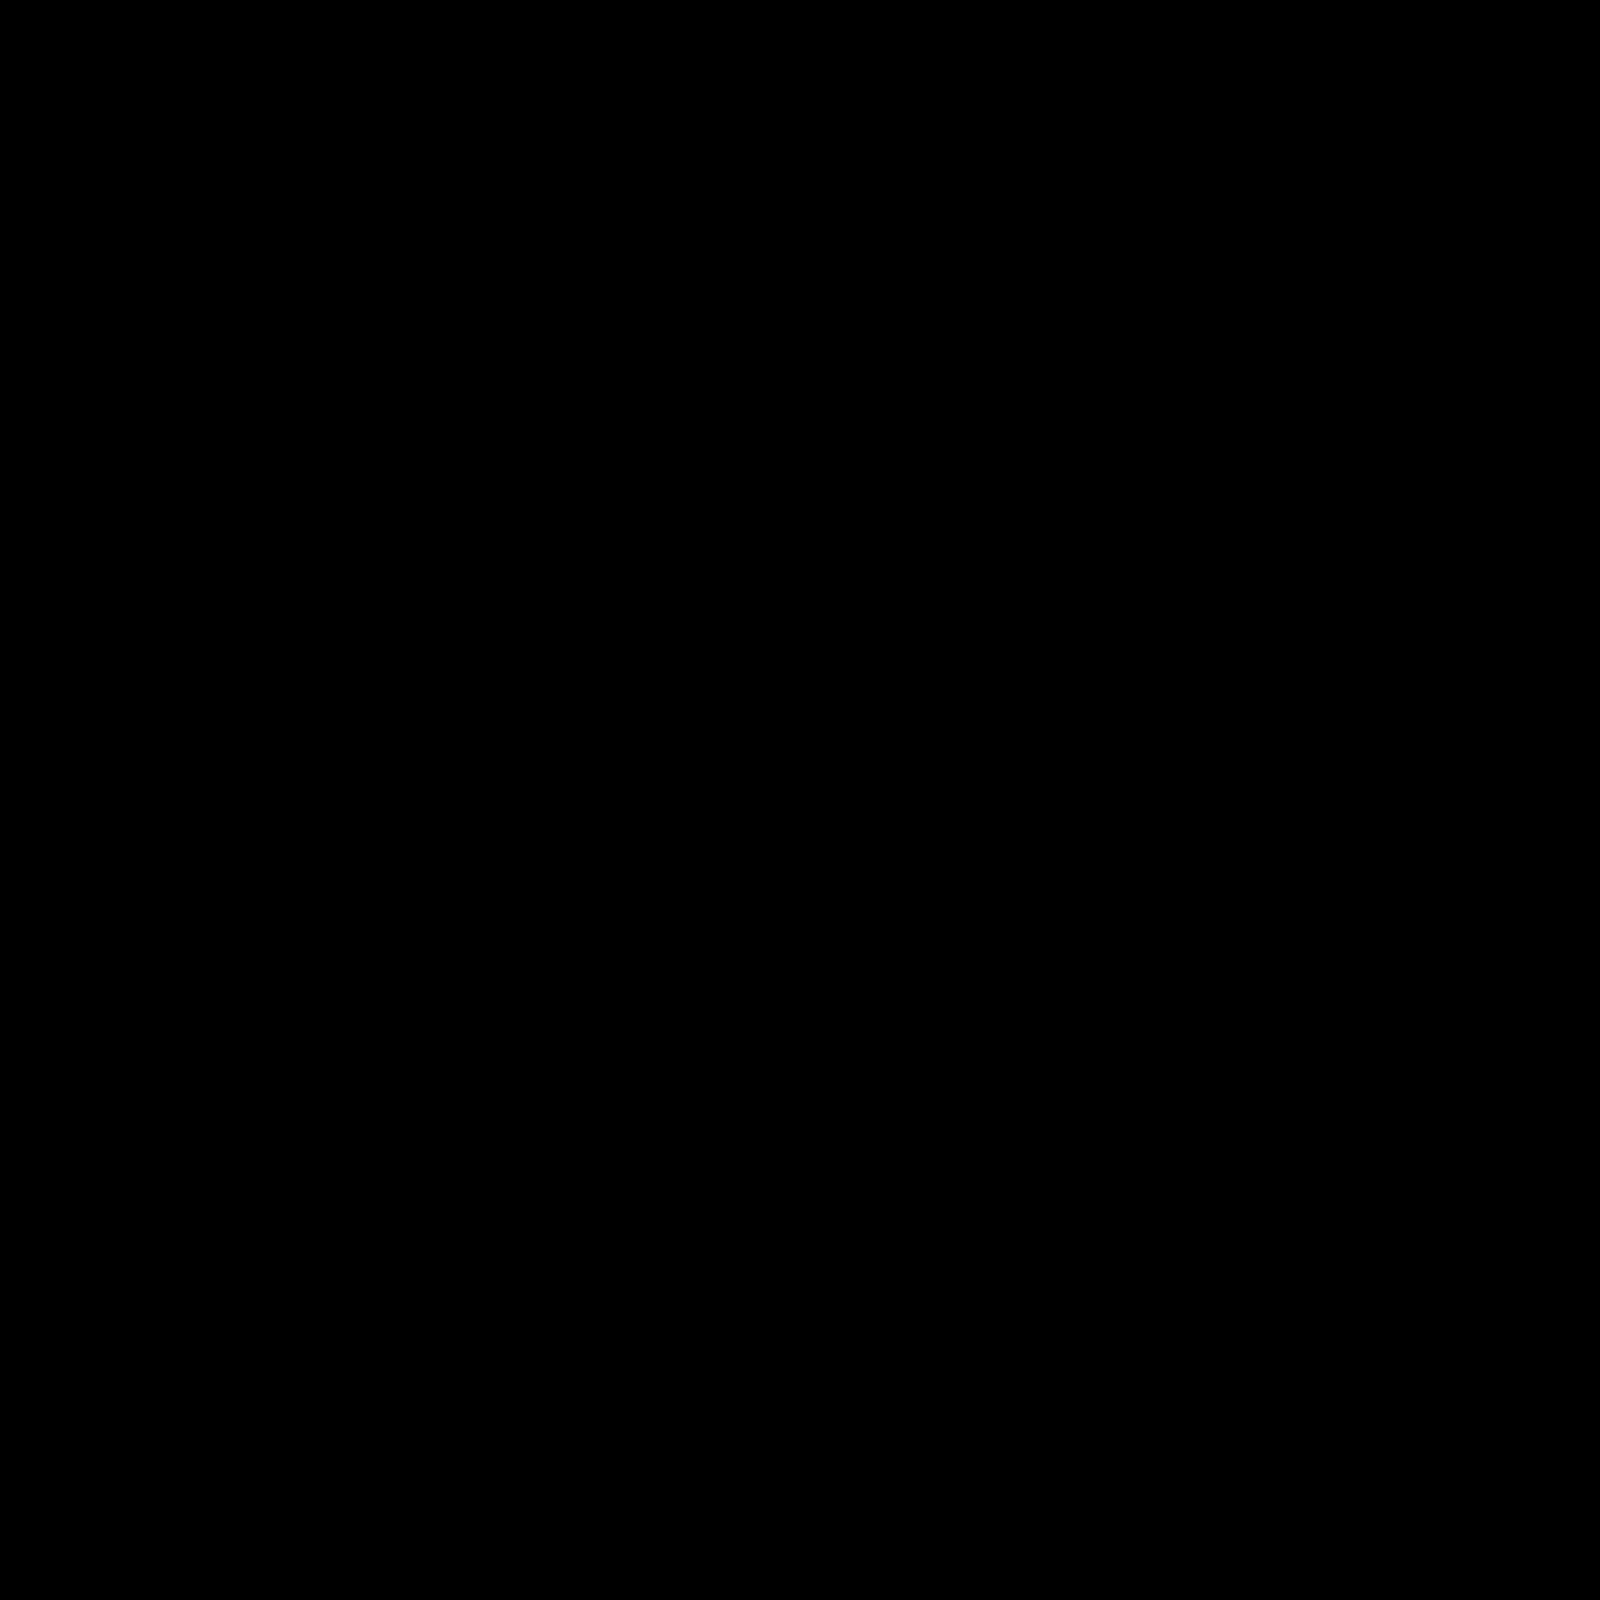 Иконка IBM - скачать бесплатно в PNG и векторе 3c777a79d84